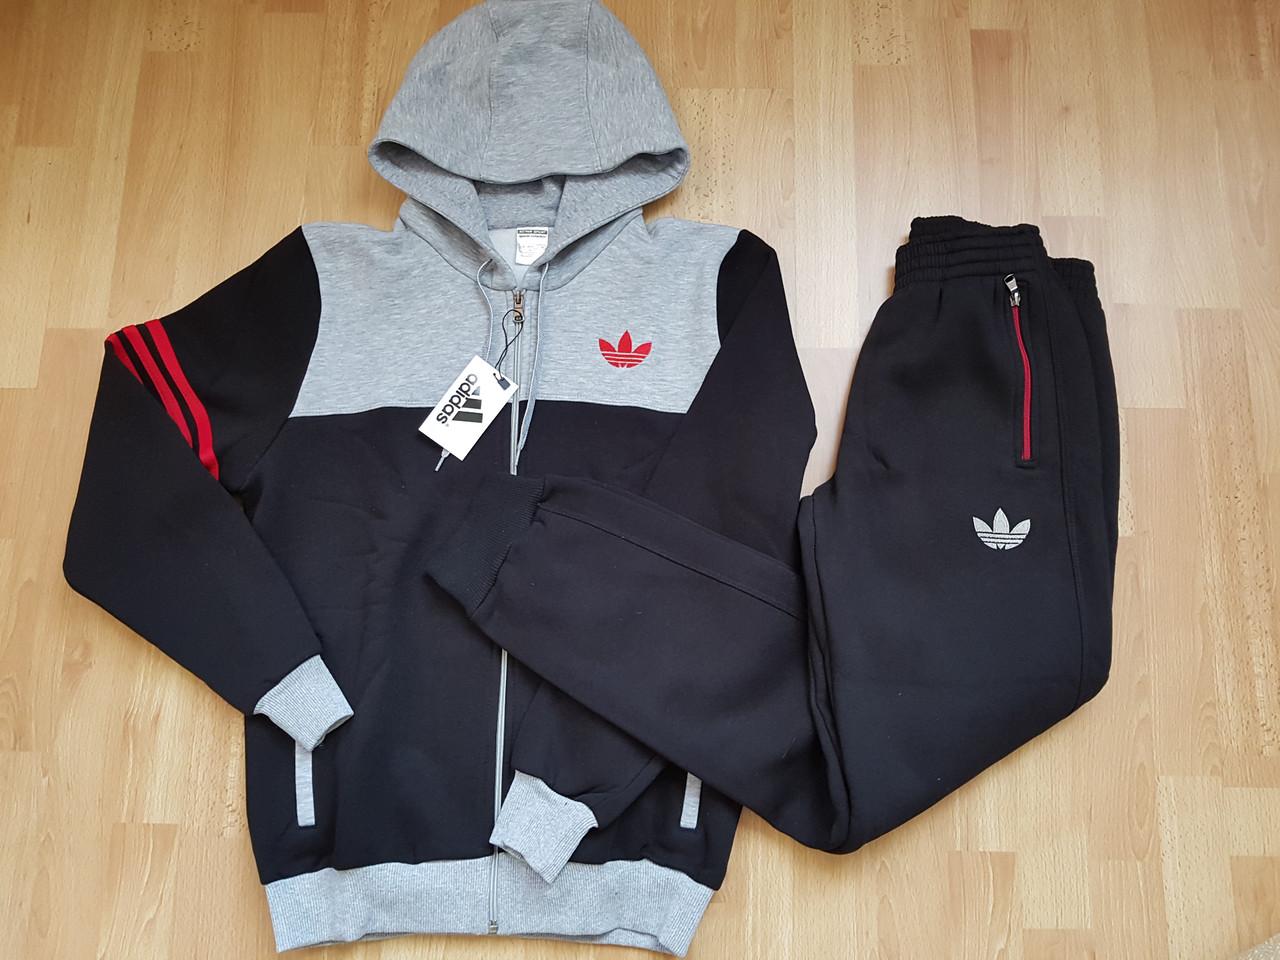 Спортивный костюм Adidas утепленный - Интернет-магазин Sport-Style в  Харькове 93e08a7932a